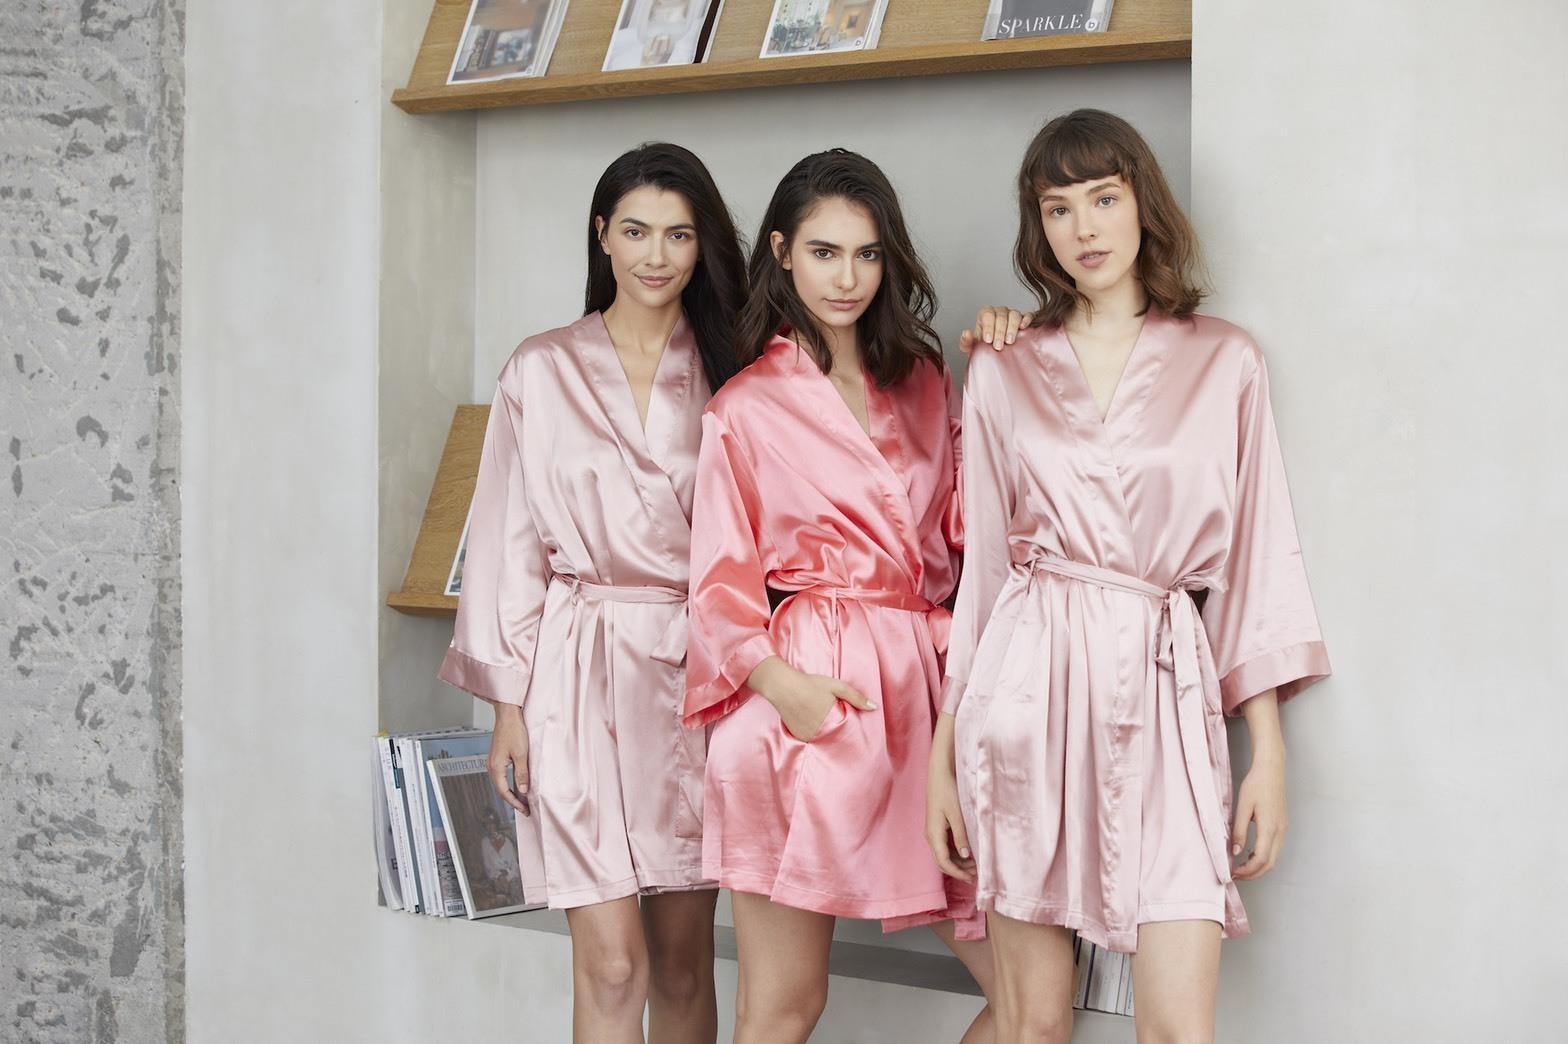 三個模特兒穿著粉色系的客製化浴袍